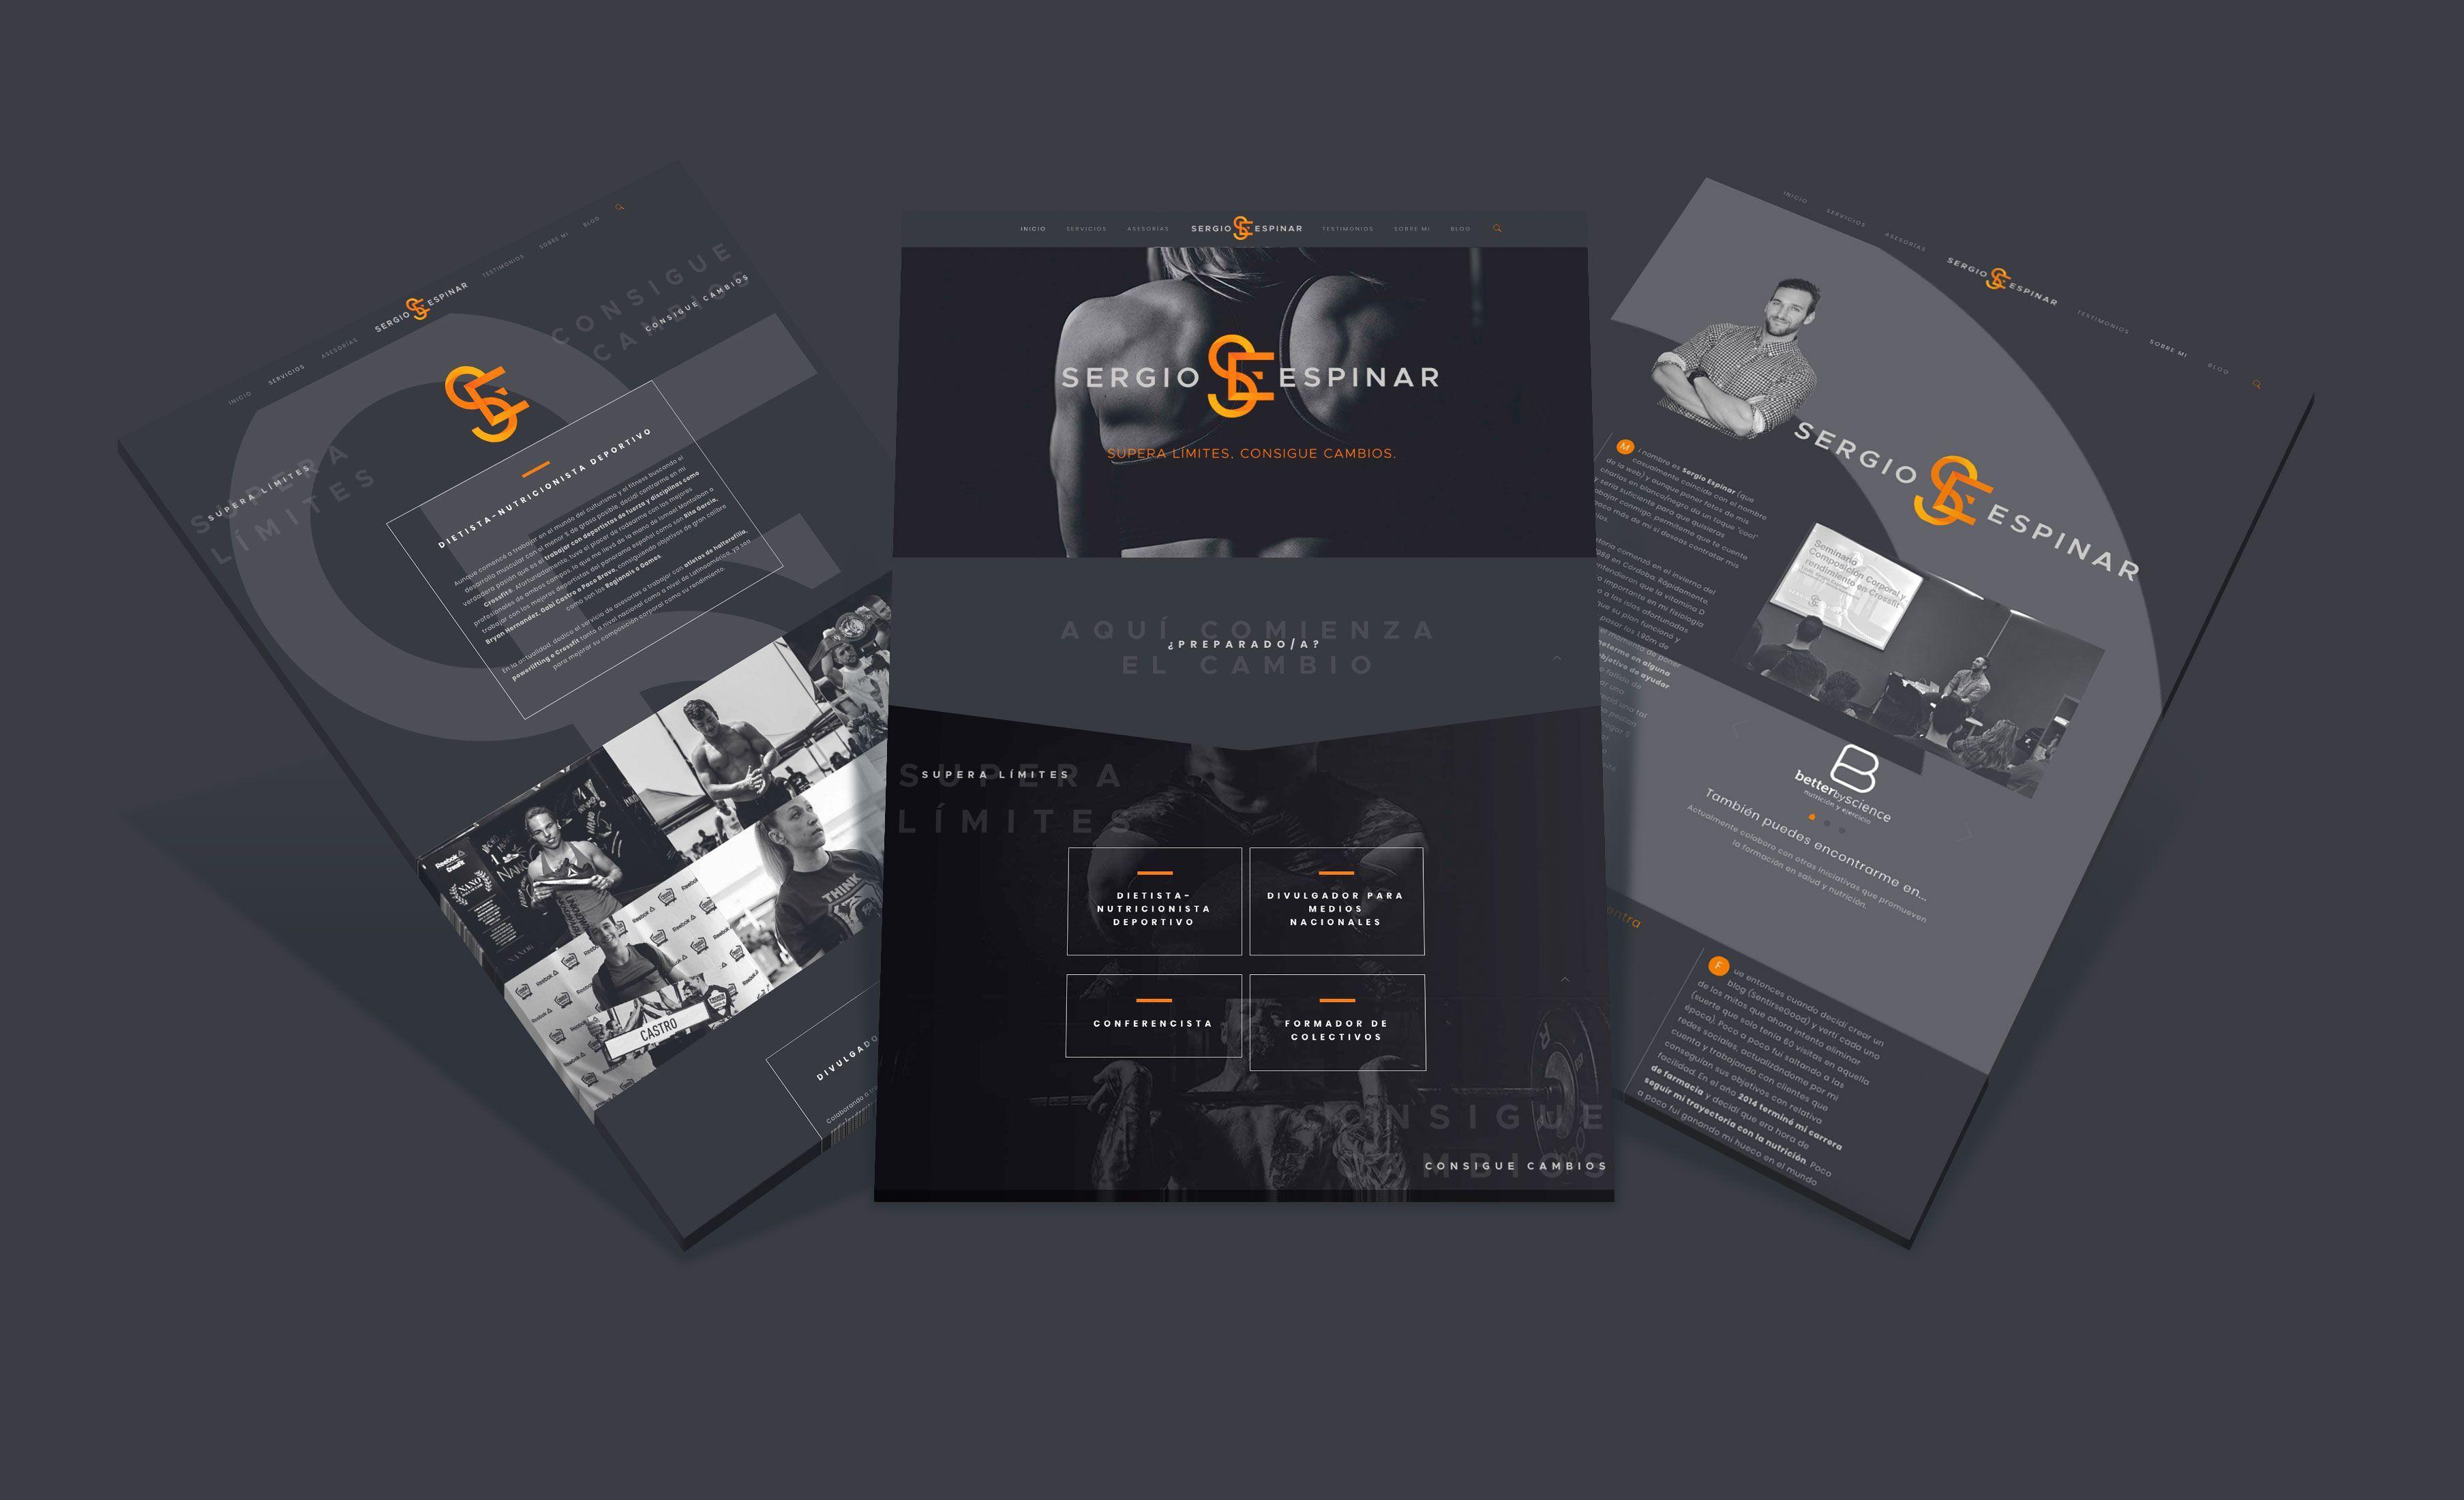 Diseño web Sergio Espinar nutricionista deportivo